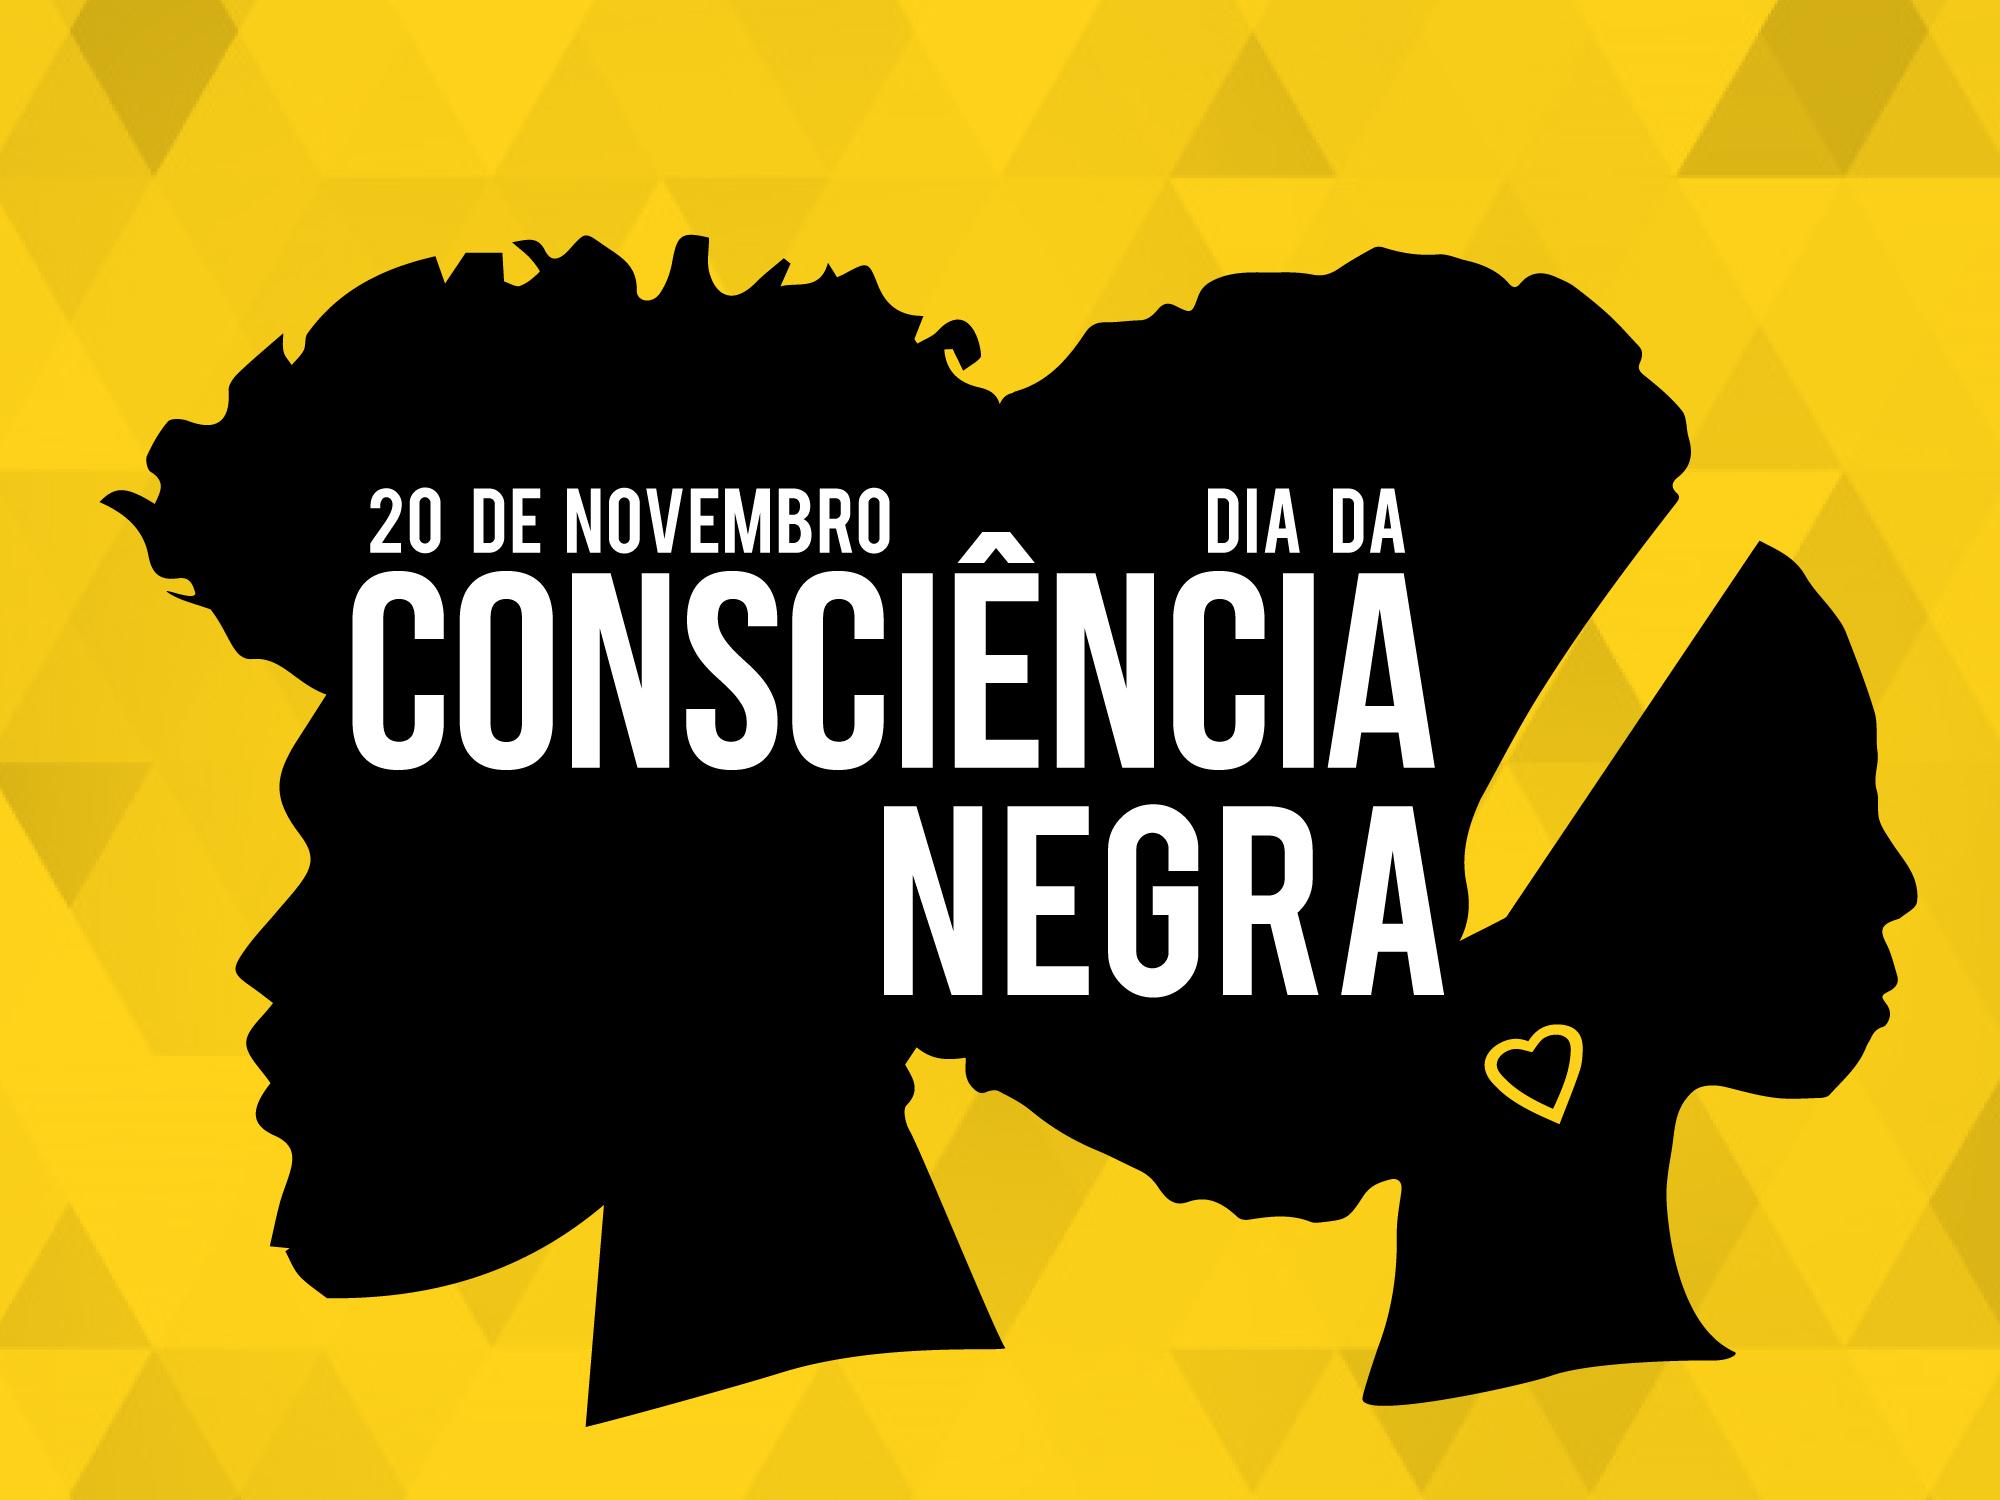 ARTIGO | Dia da consciência negra, comemorando, refletindo e me rebelando